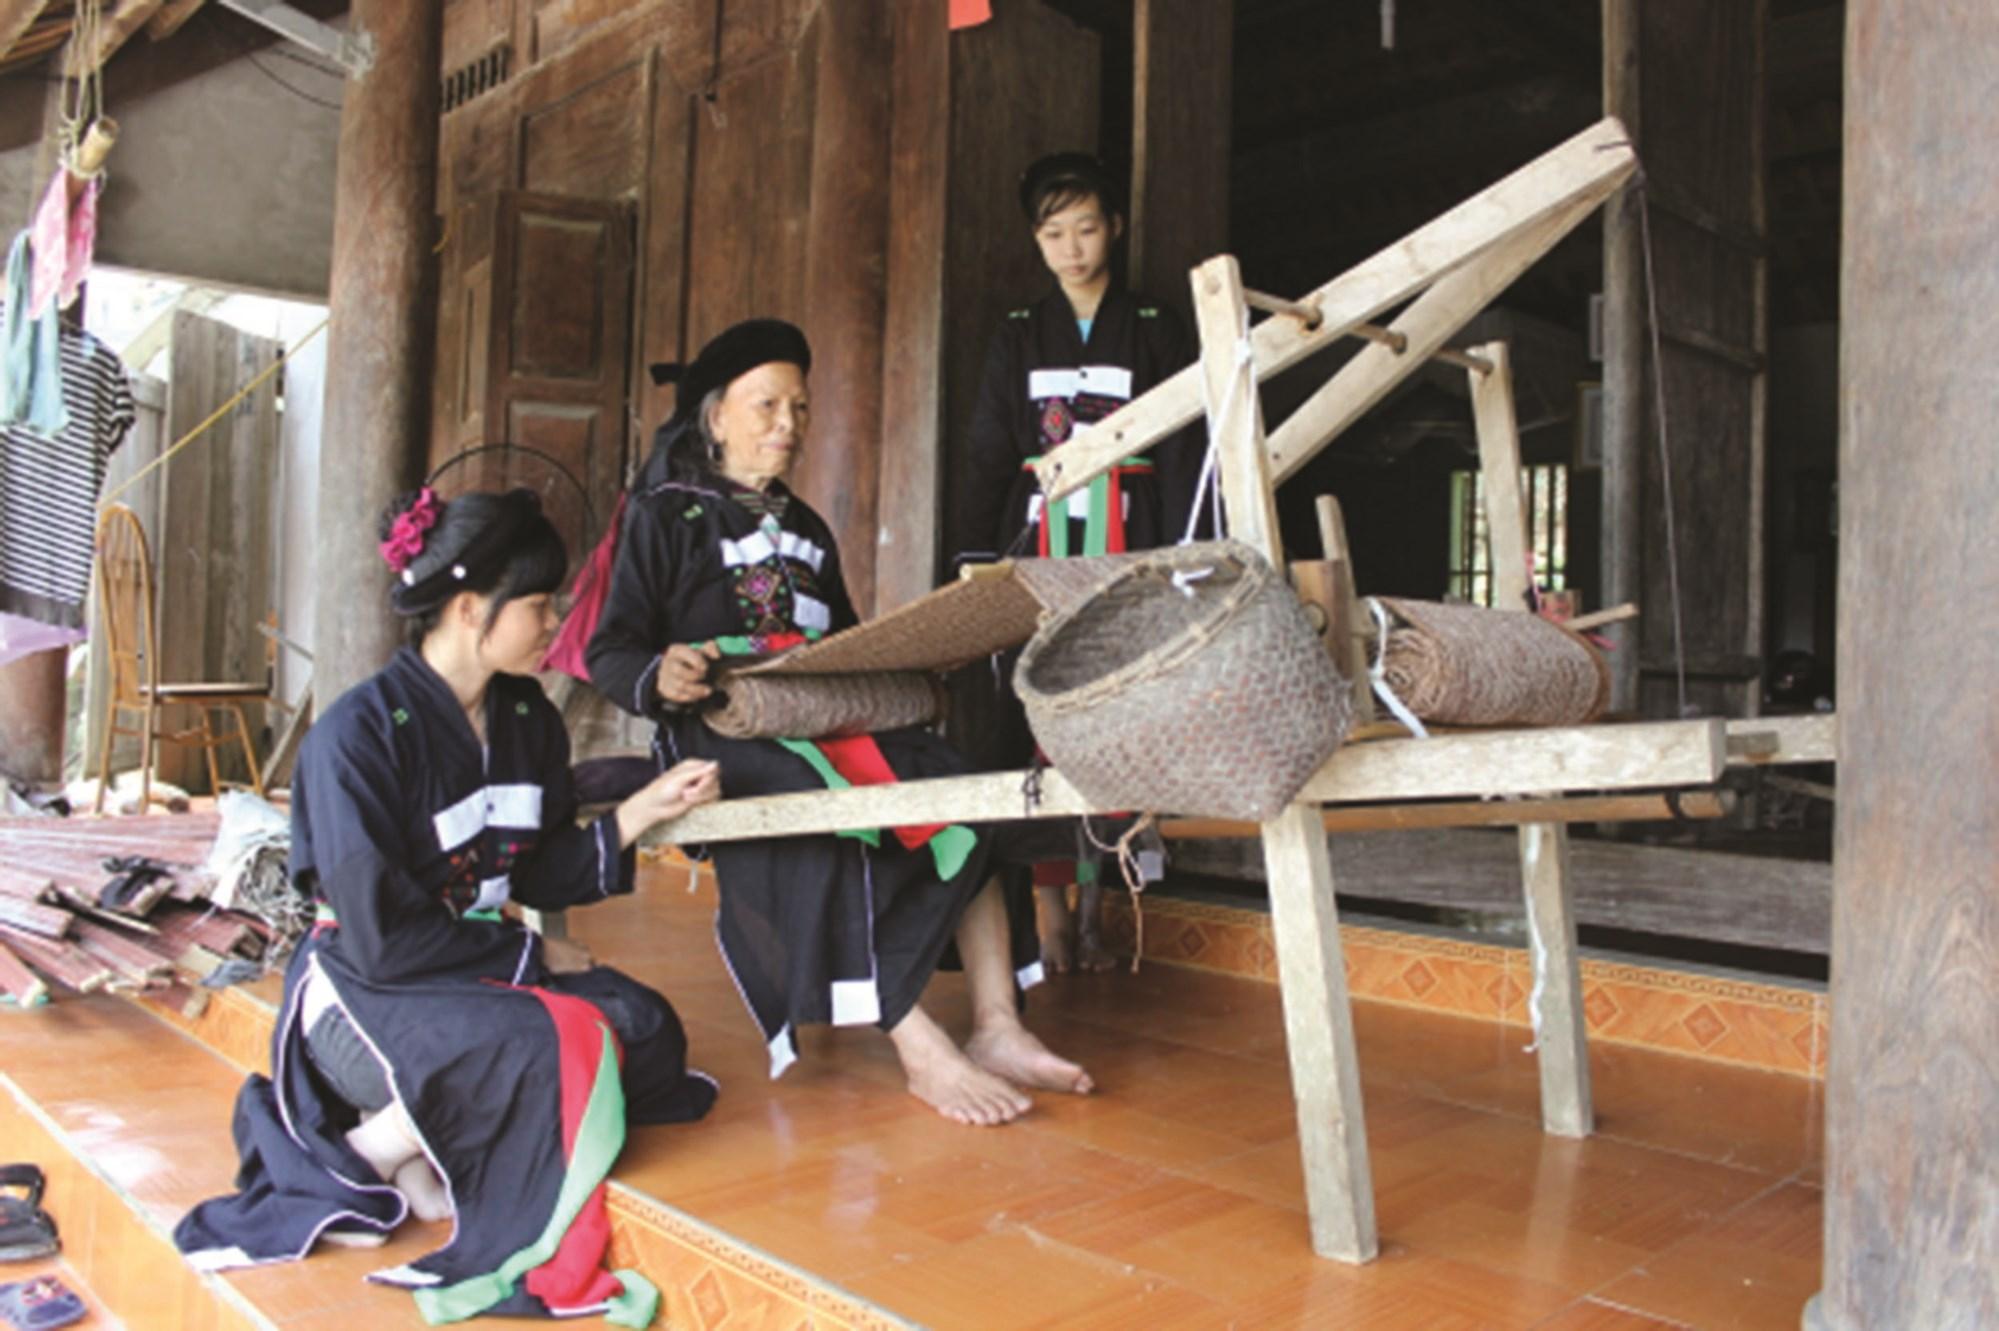 Nghệ nhân Trạc Thị Ngọn (ngồi giữa) hướng dẫn các hội viên cách dệt thổ cẩm